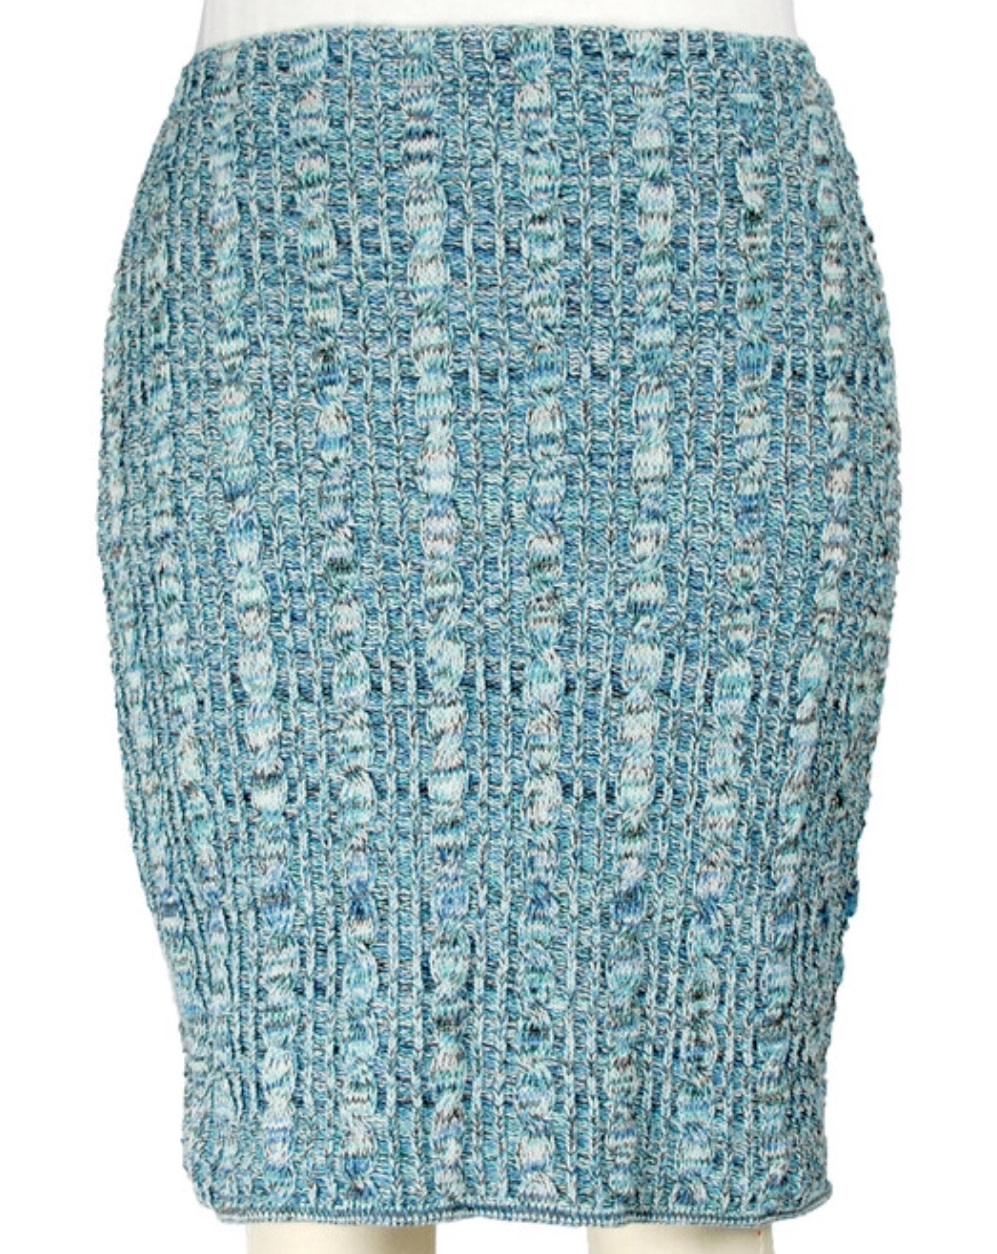 Space Dye Pencil Skirt